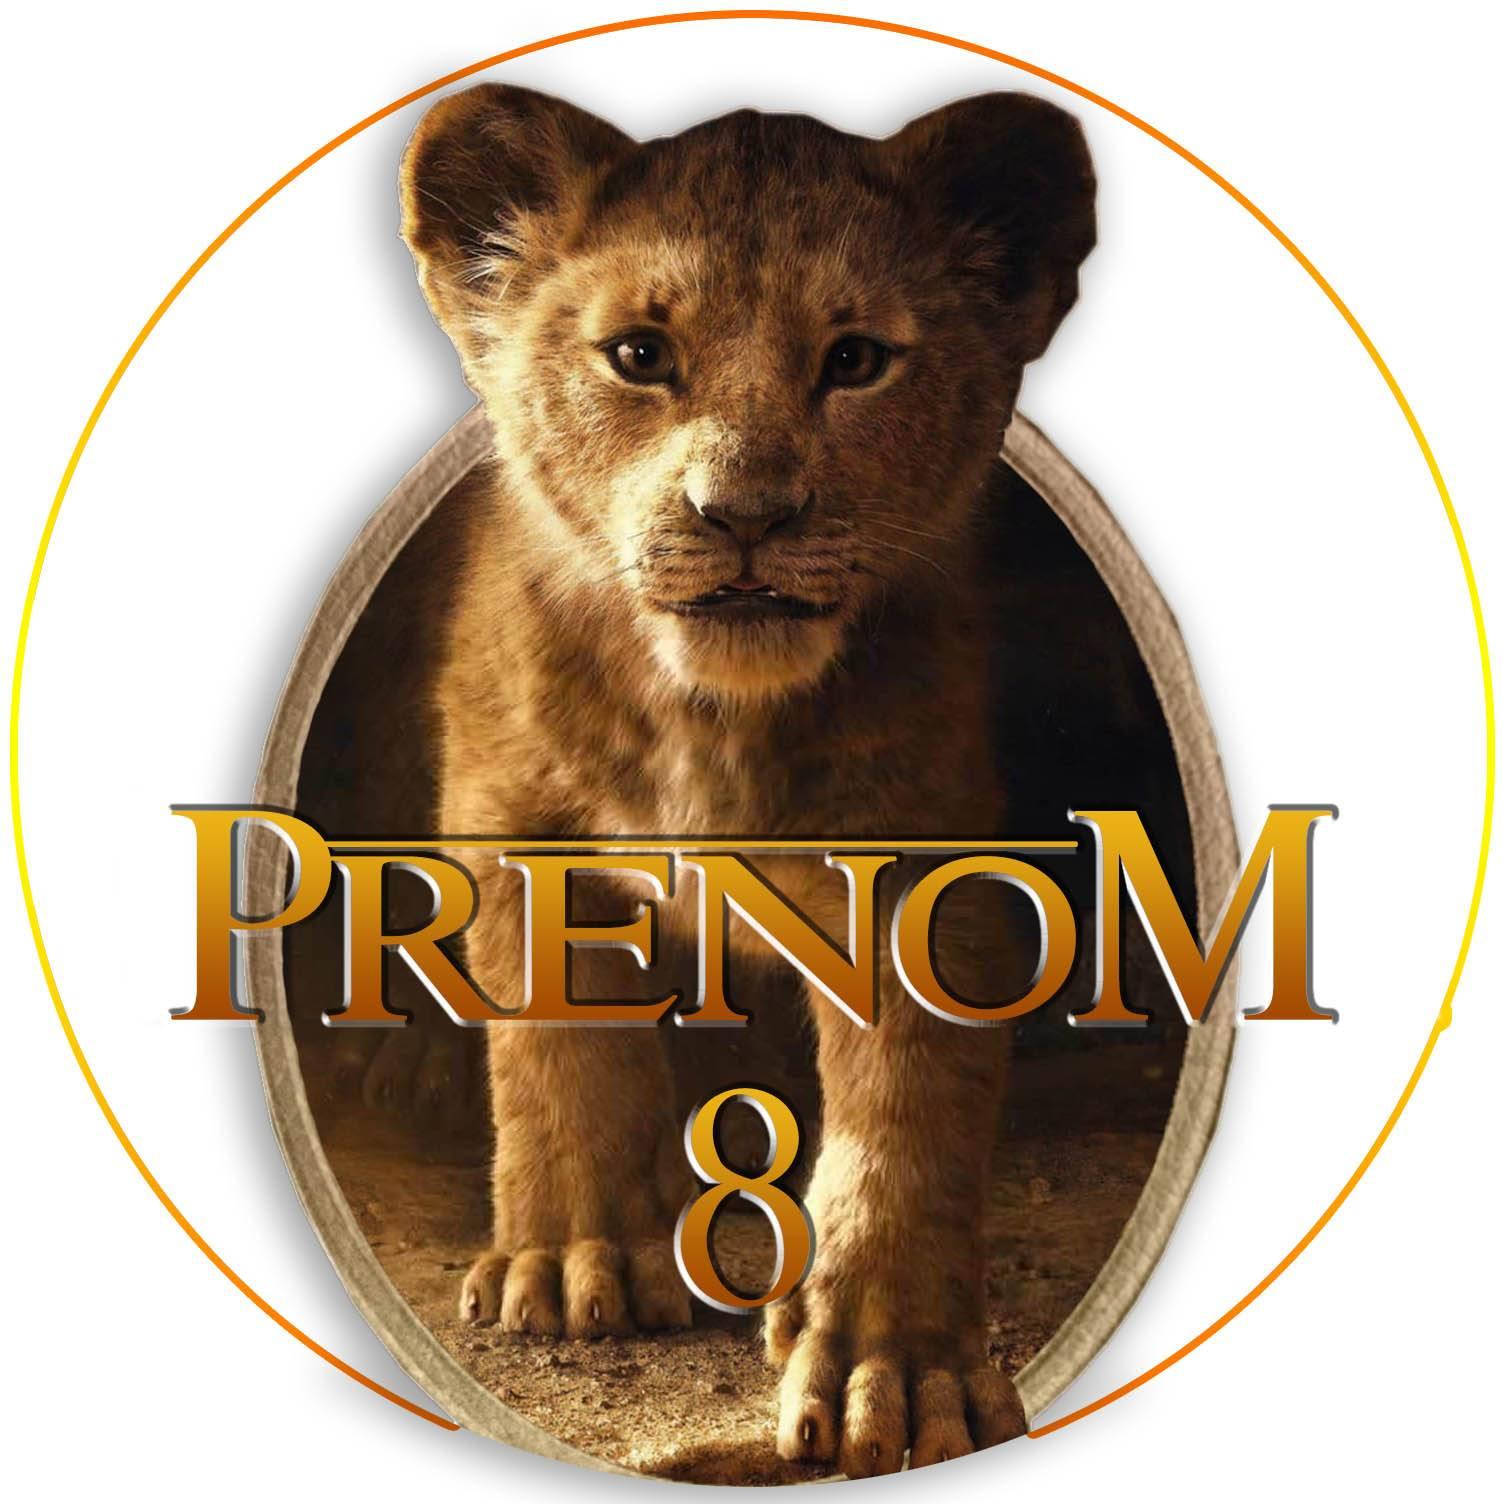 Impression Alimre Personnalisé Du Roi Lion - Planete Gateau destiné Photo De Lion A Imprimer En Couleur